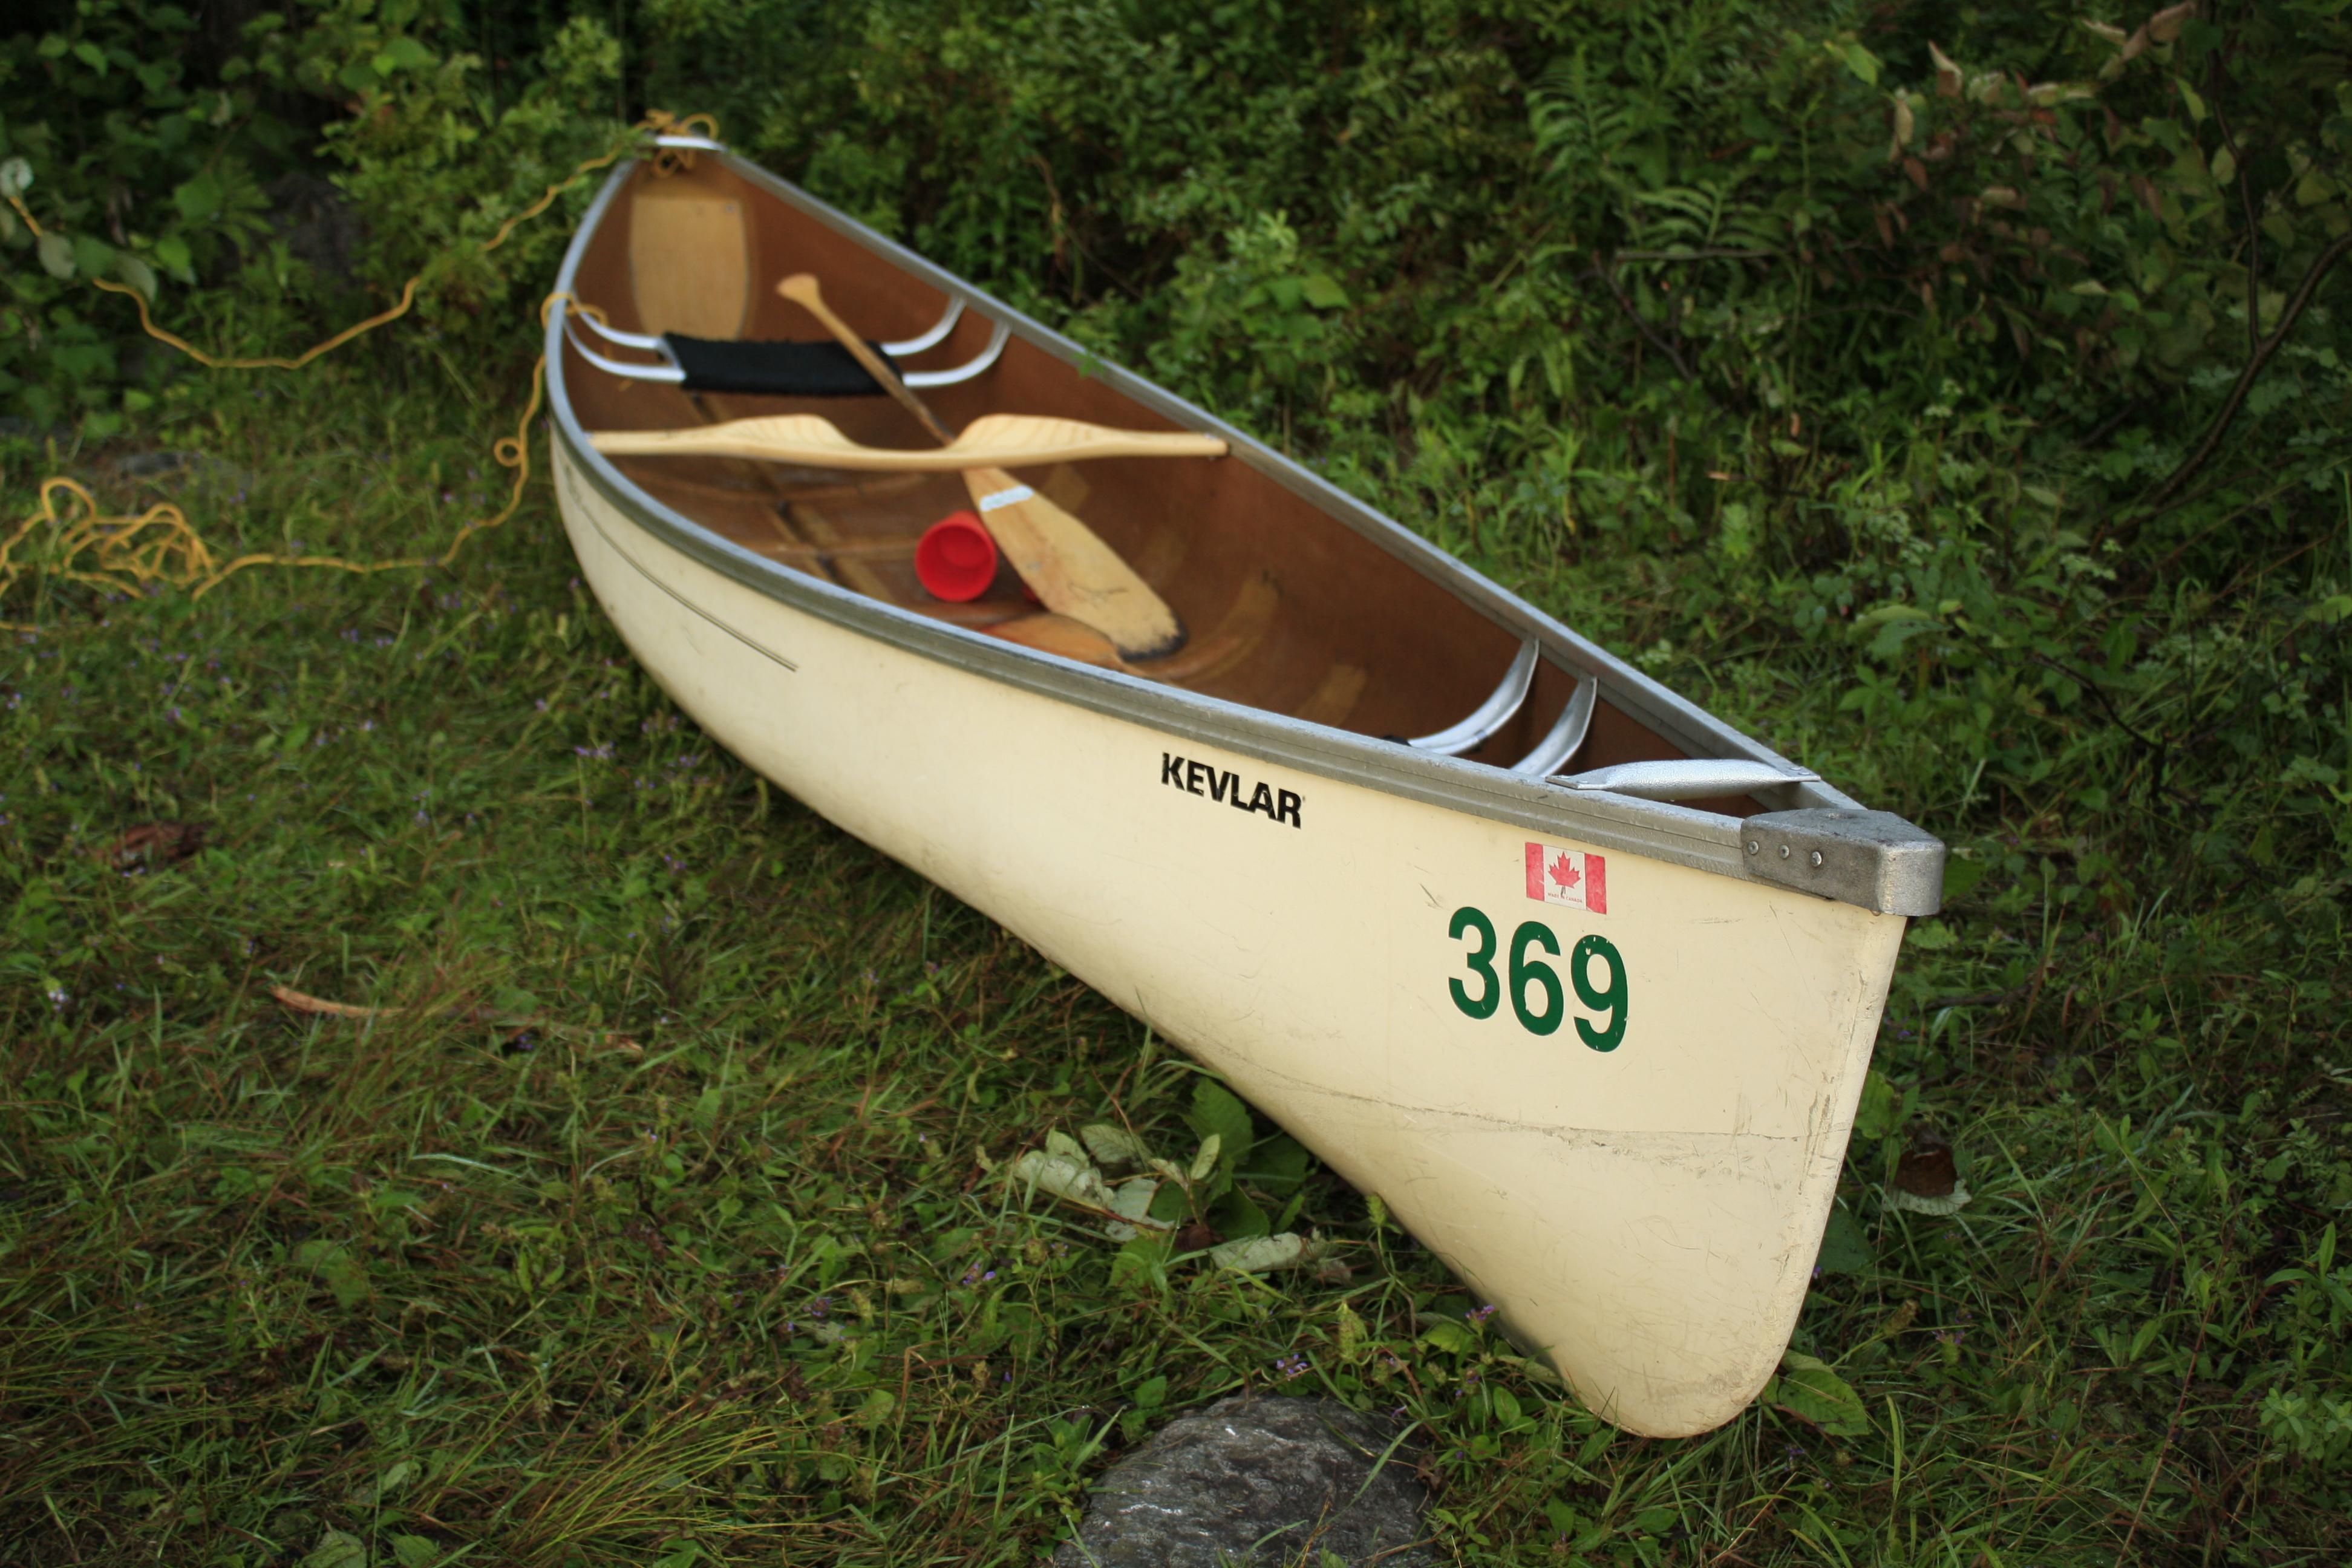 File:Kevlar canoe algonquin.JPG Canoe